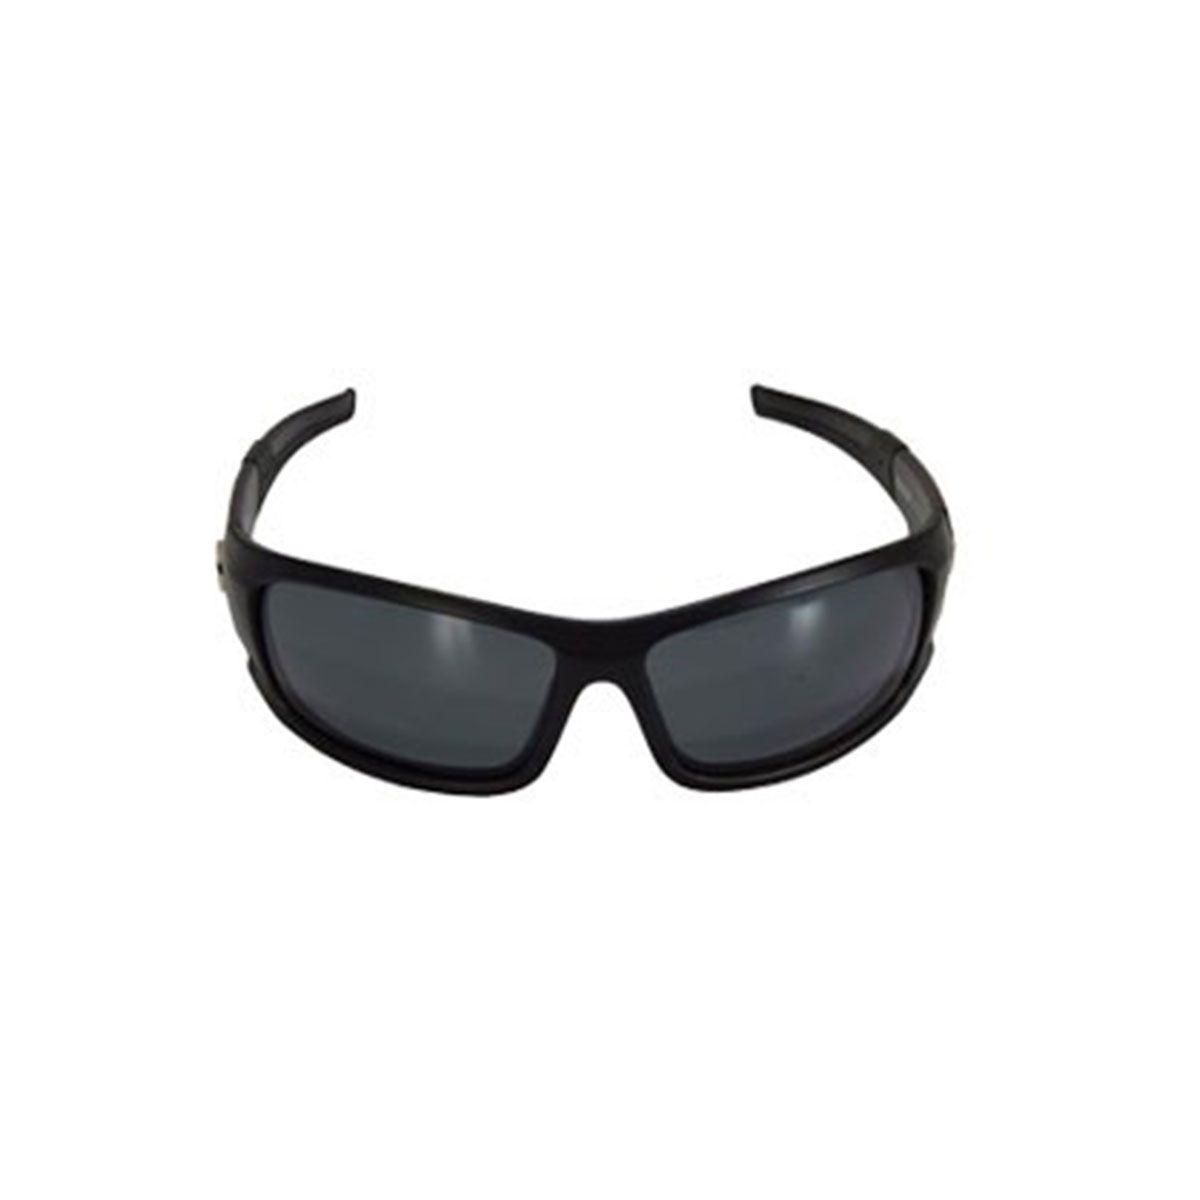 9a144b529 Óculos Mustad Pro Polarizado Preto Modelo HP107A-2 - Lazer e Aventura Shop